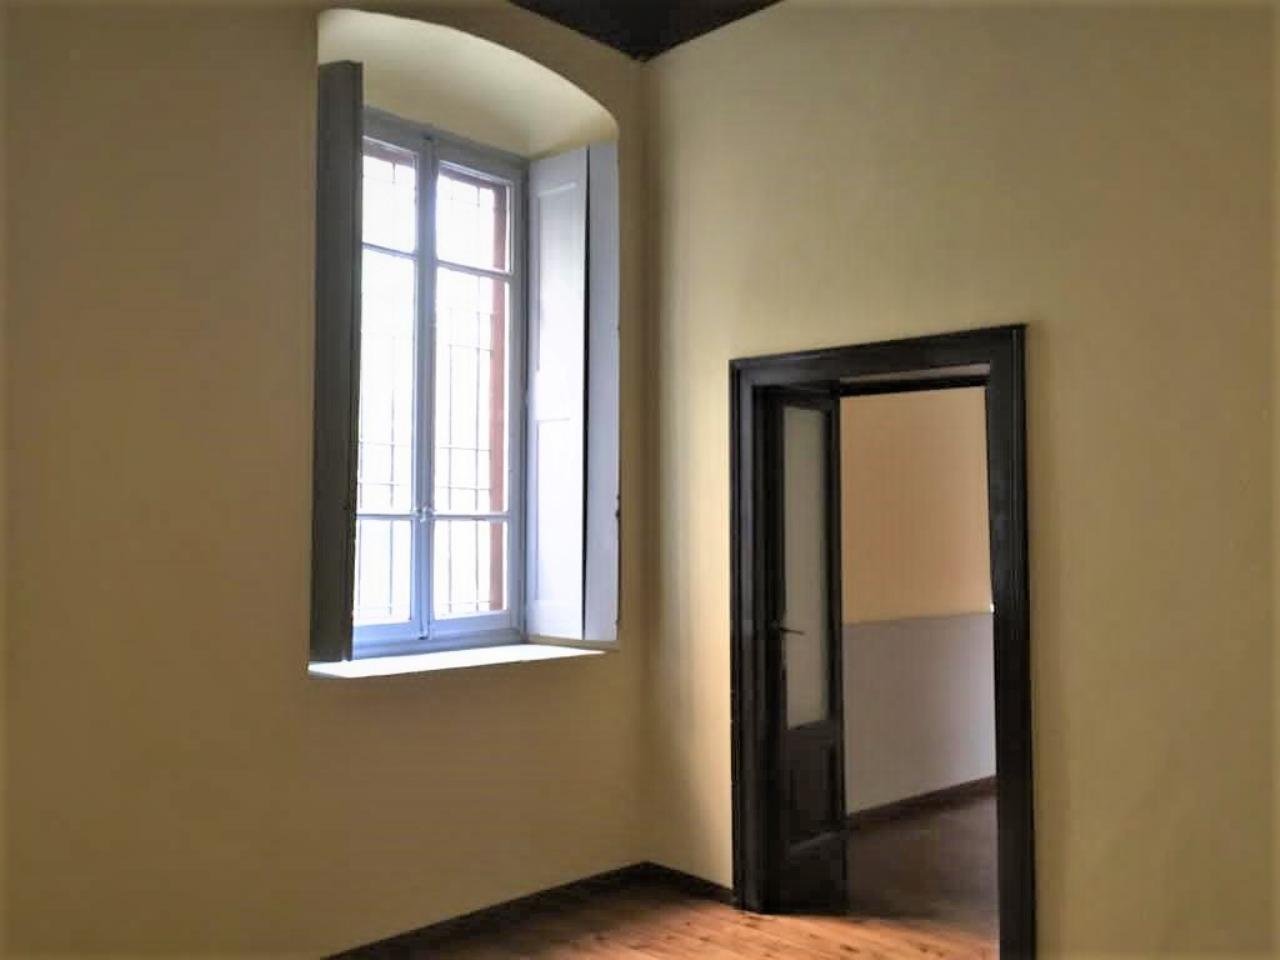 Ufficio CREMONA €500,00